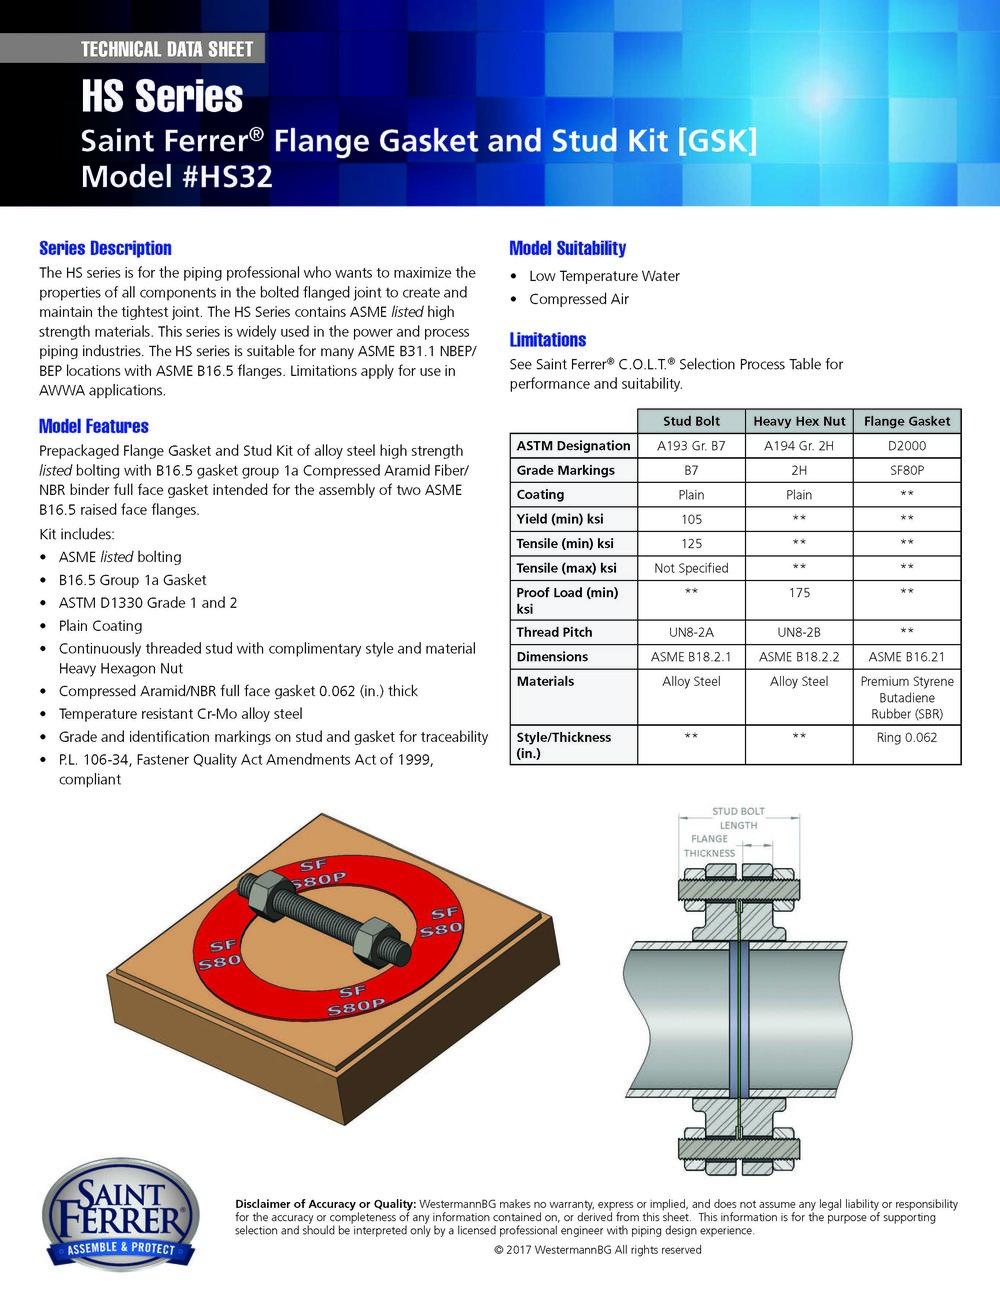 SF_Data_Sheet_HS_Series_HS32.jpg